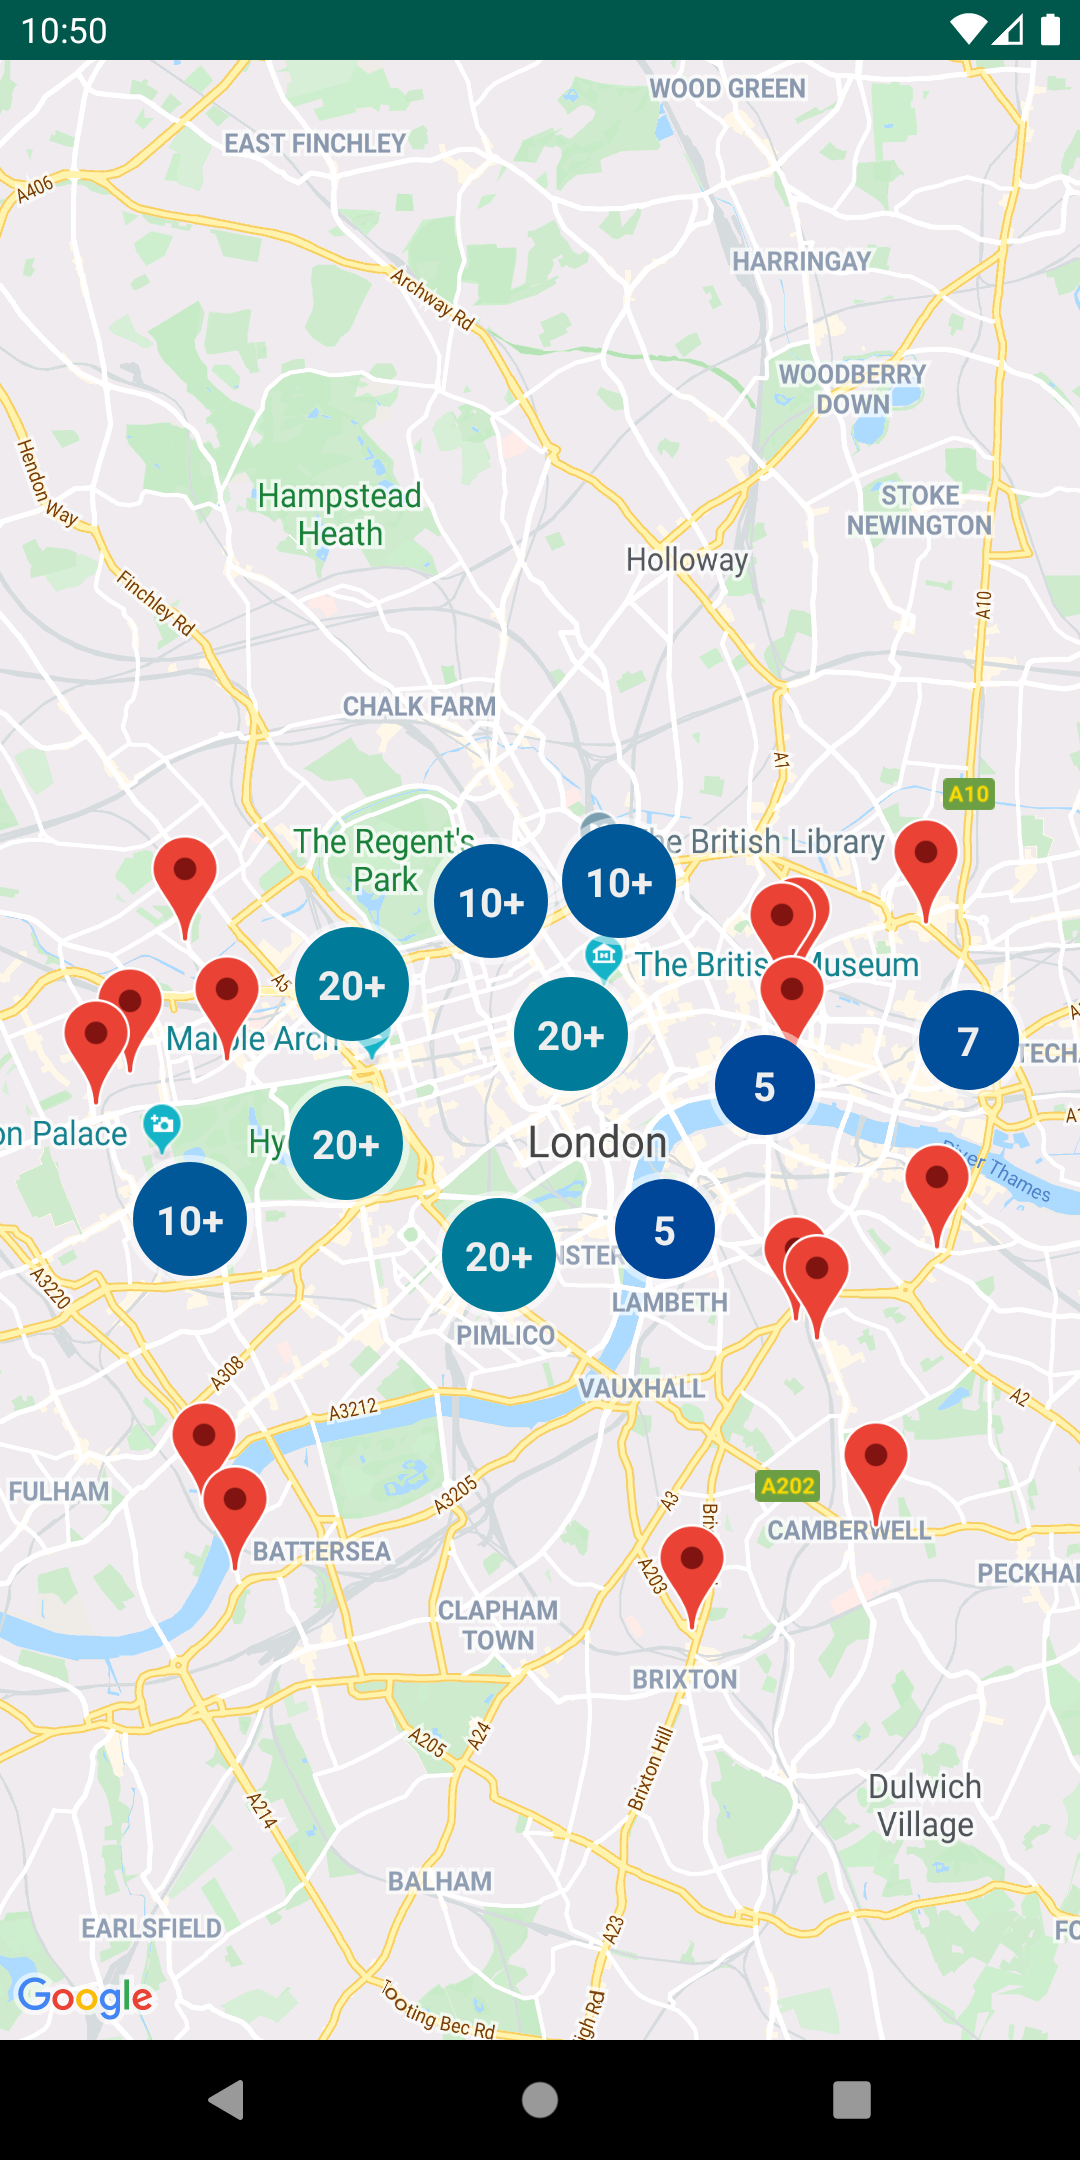 Mapa com marcadores em cluster